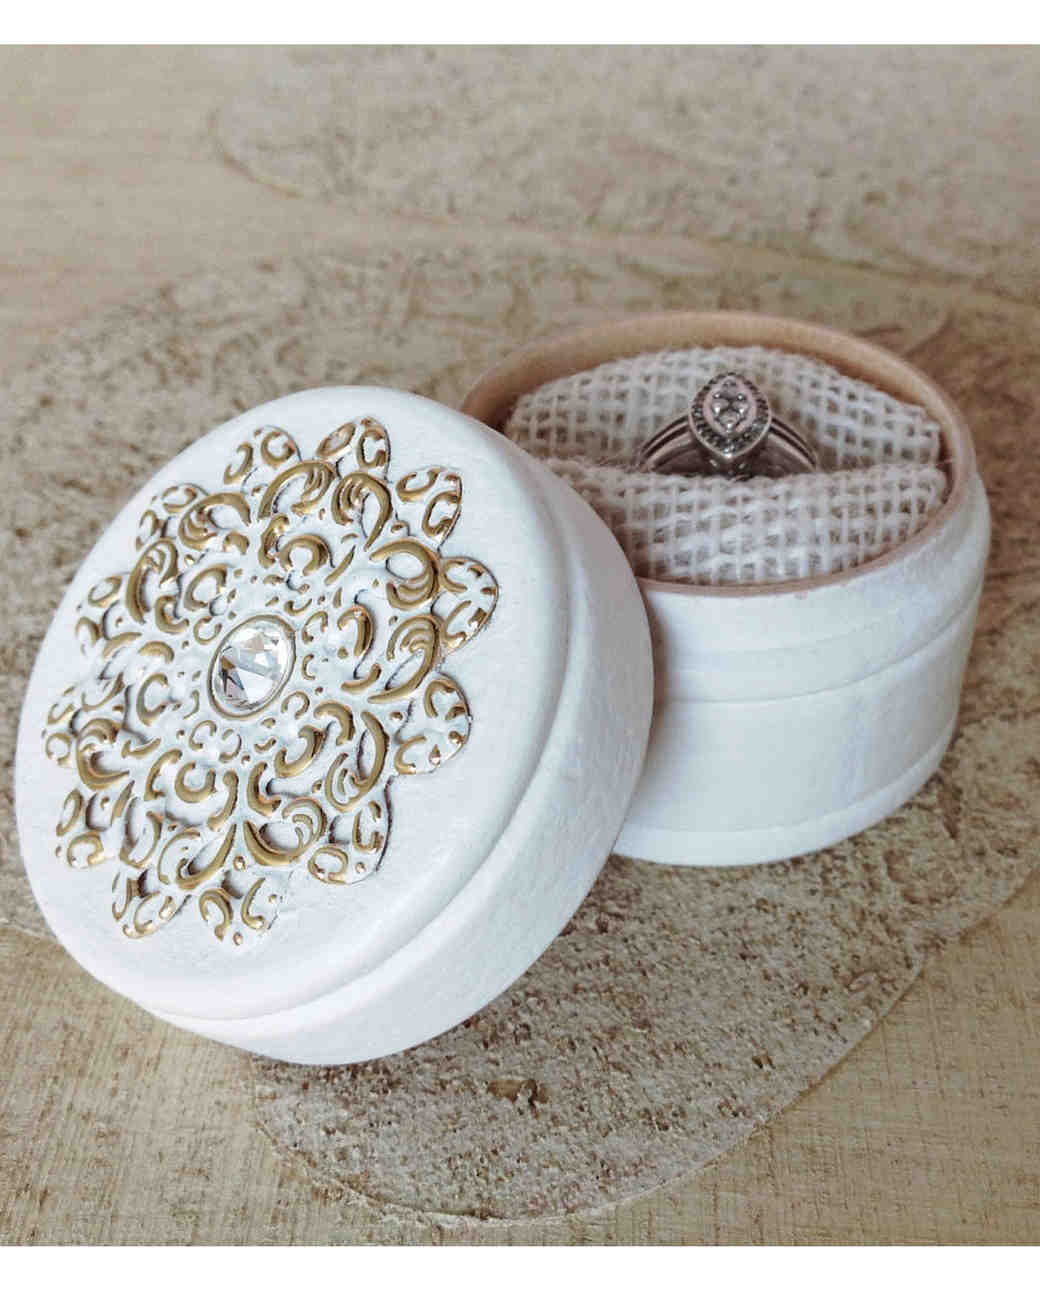 unique-ring-box-white-ring-box-0316.jpg